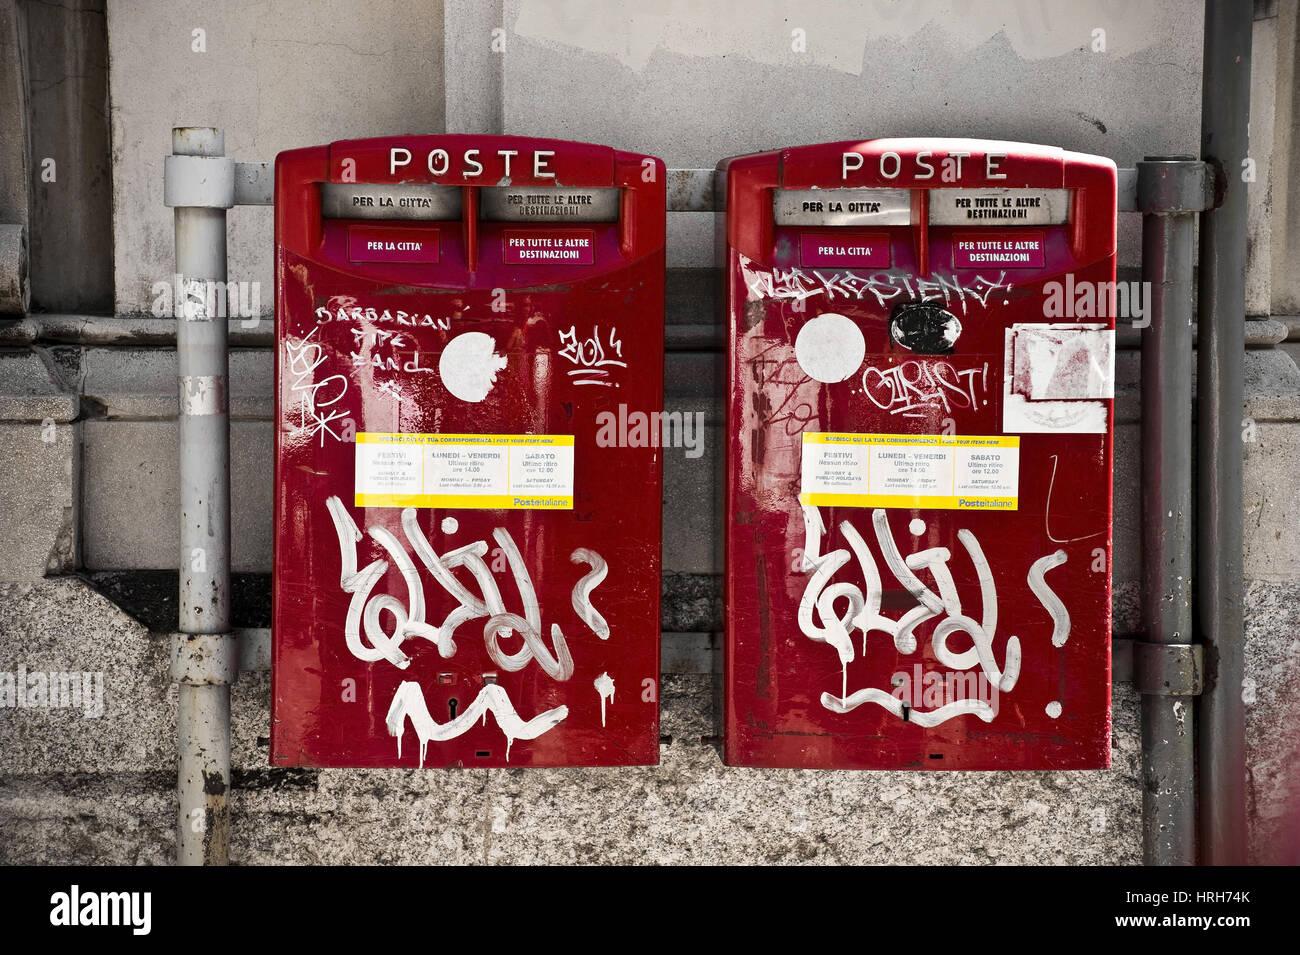 Postkaesten, Italien - post boxes, Italy Stock Photo